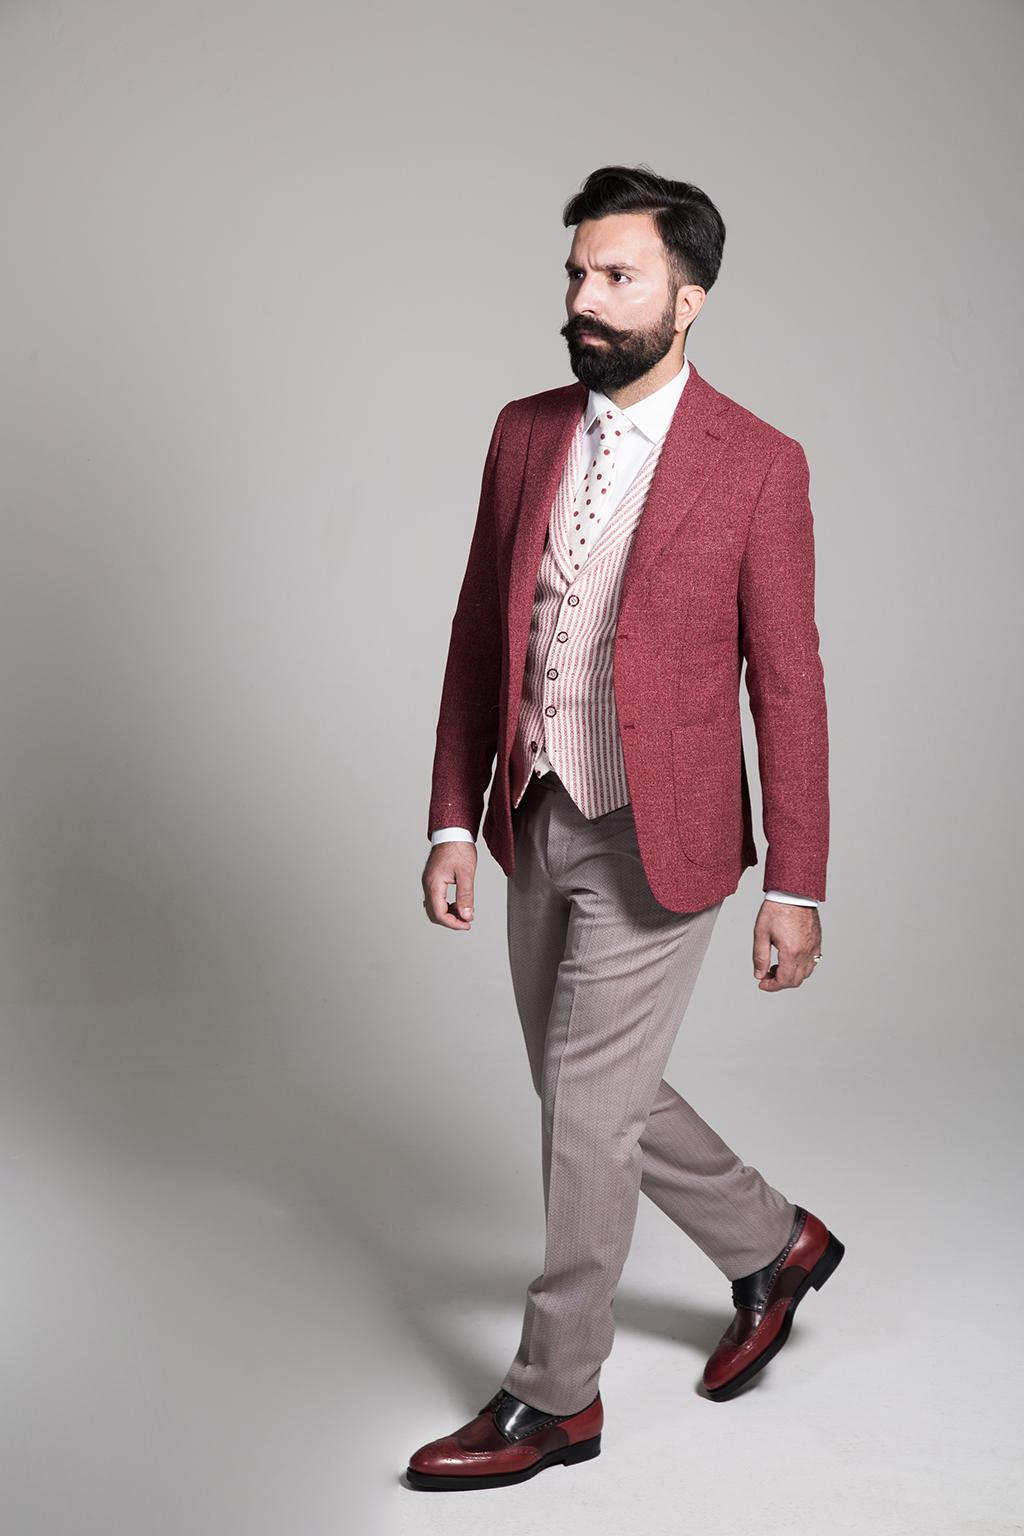 tailor_suit-4